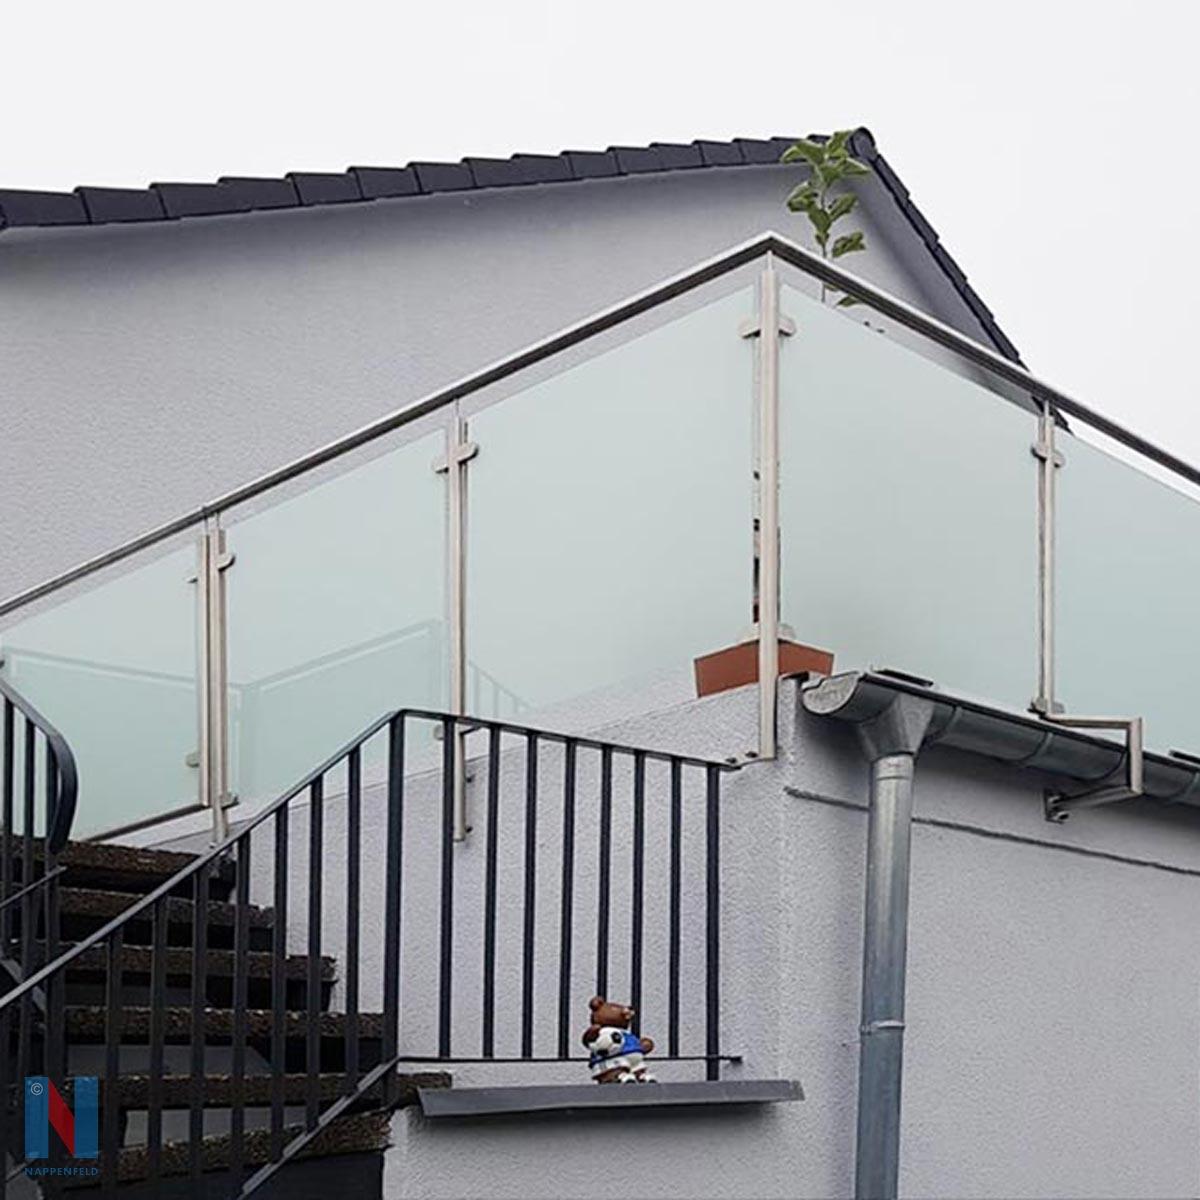 Balkongeländer in Duisburg, gebaut und umgesetzt von der Edelstahlschlosserei Nappenfeld aus Mülheim